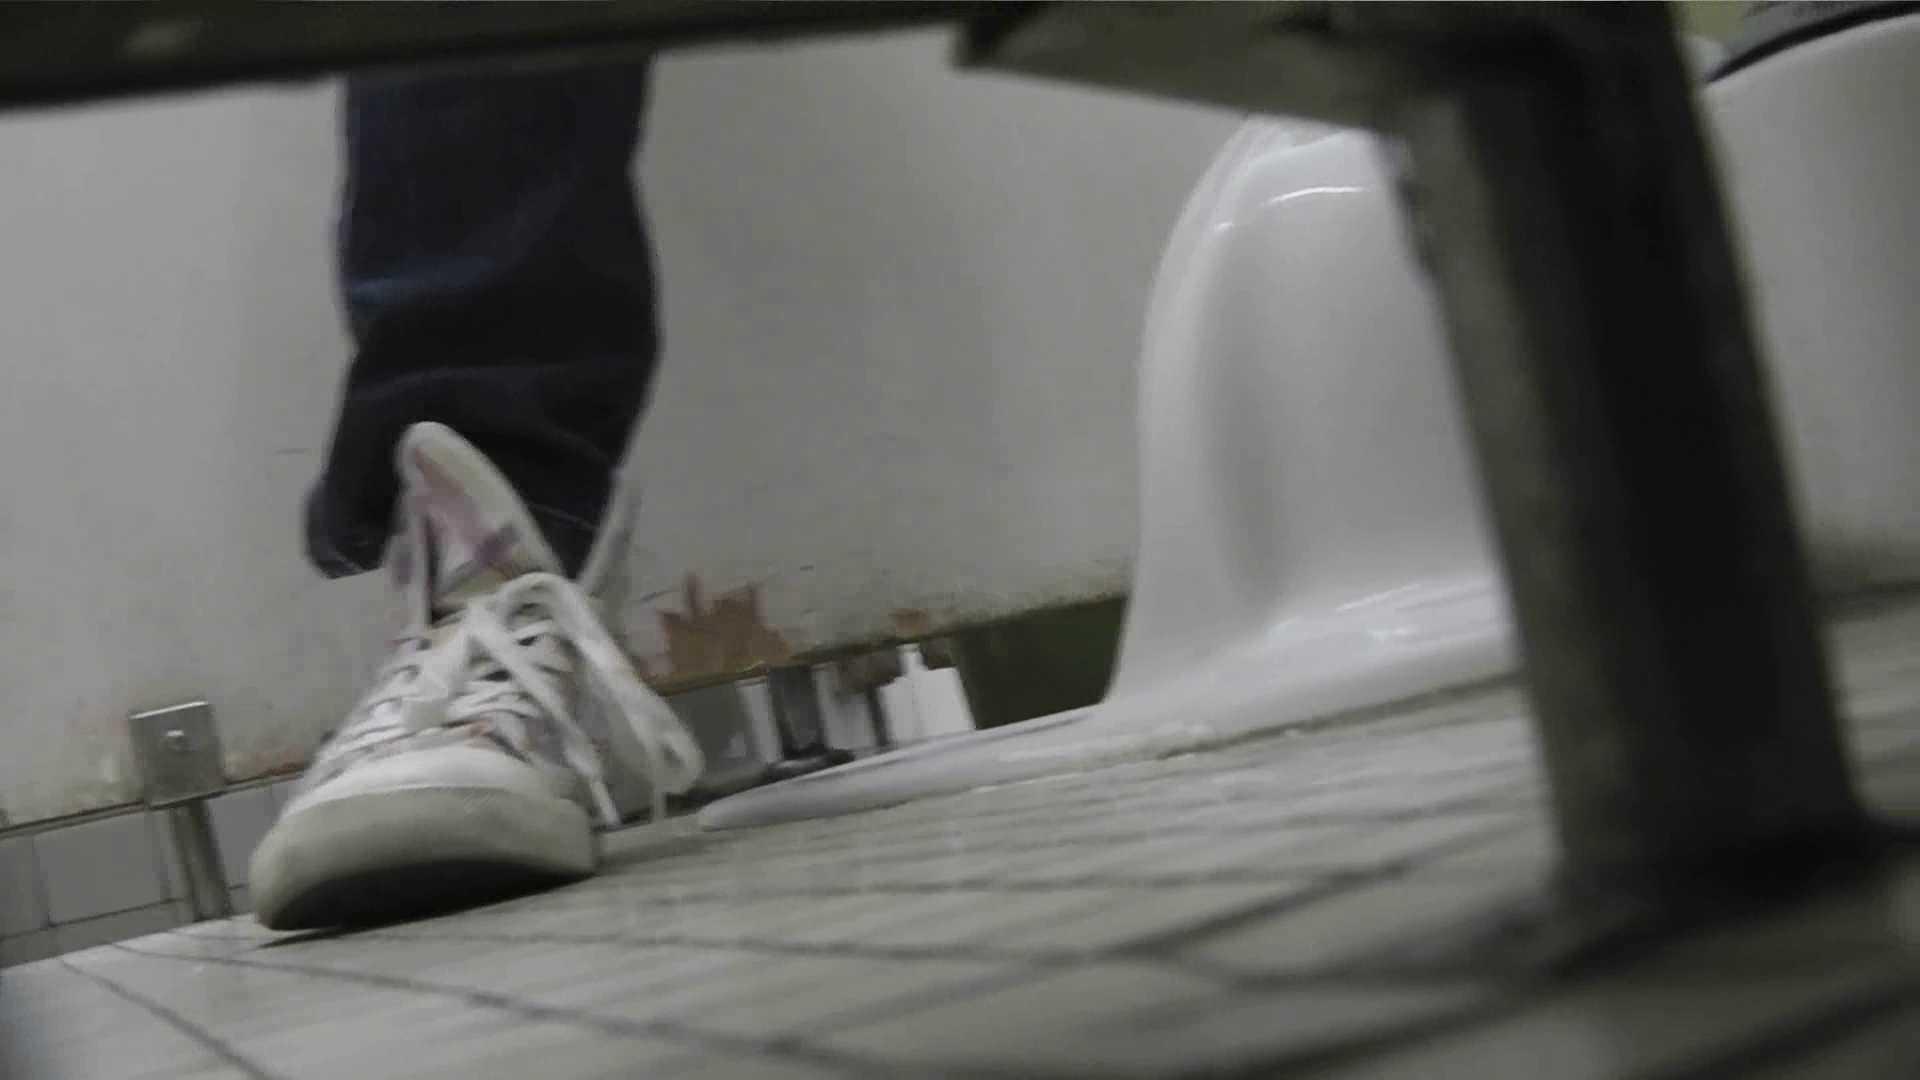 【美しき個室な世界】 vol.025 メガネ属性ヾ(´∀`)ノ 洗面所 AV動画キャプチャ 94pic 29